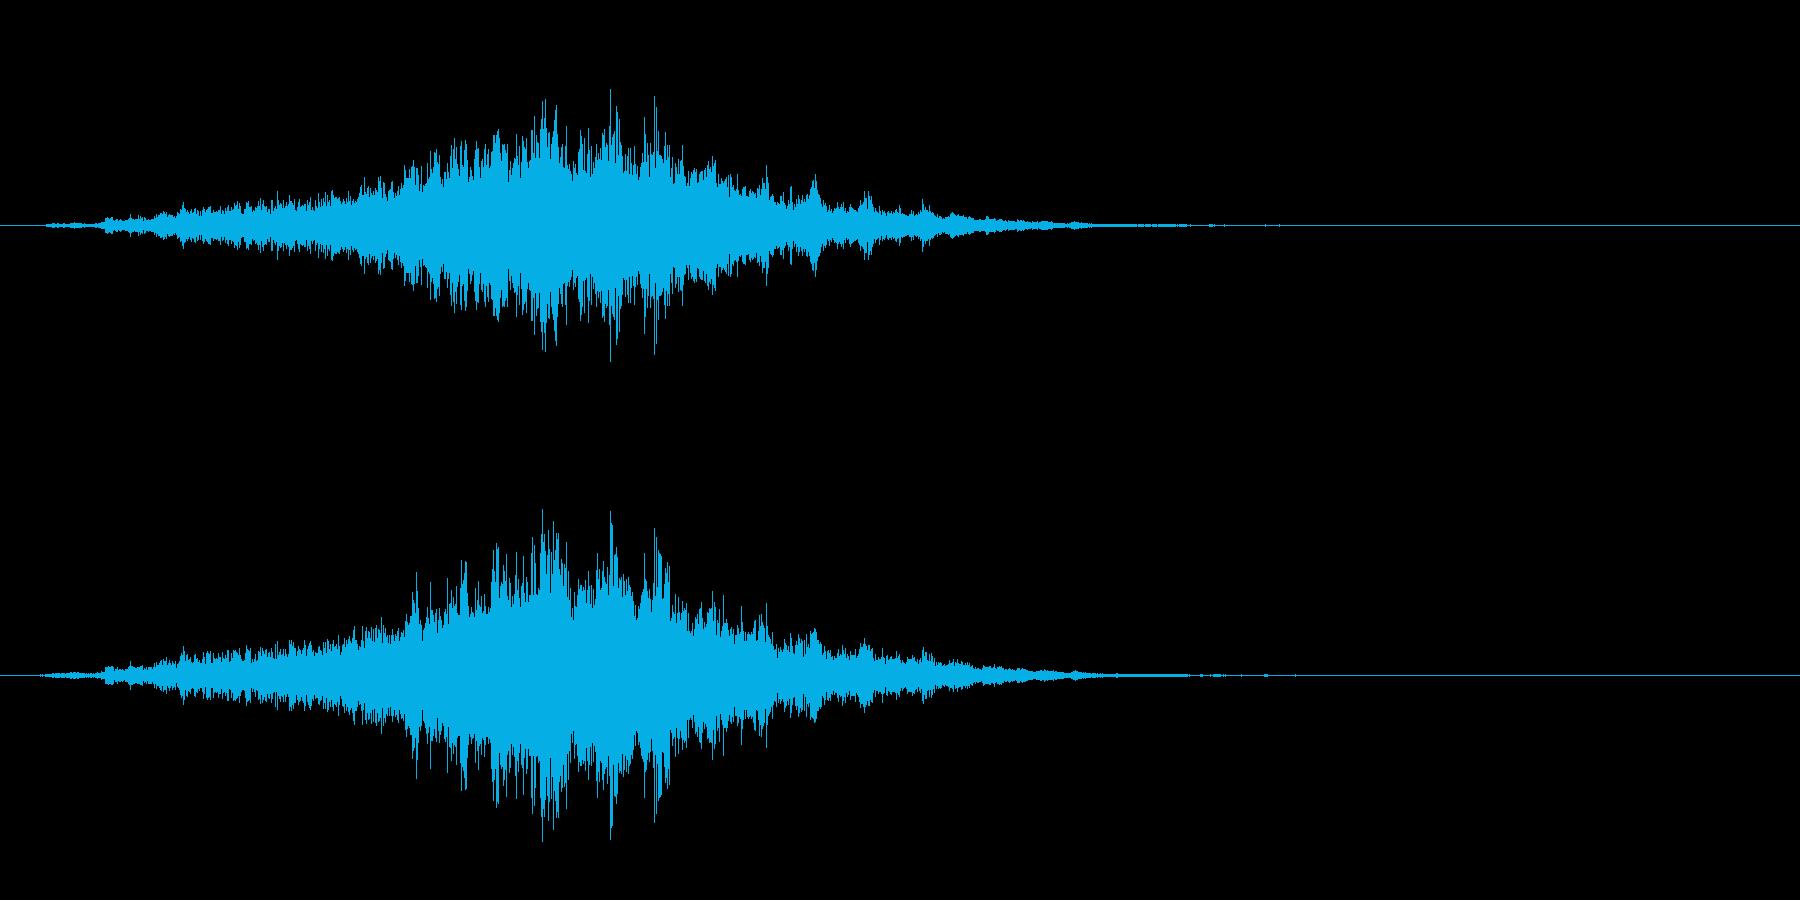 重めの鈴の音「えきろ」フレーズ音1+Fxの再生済みの波形